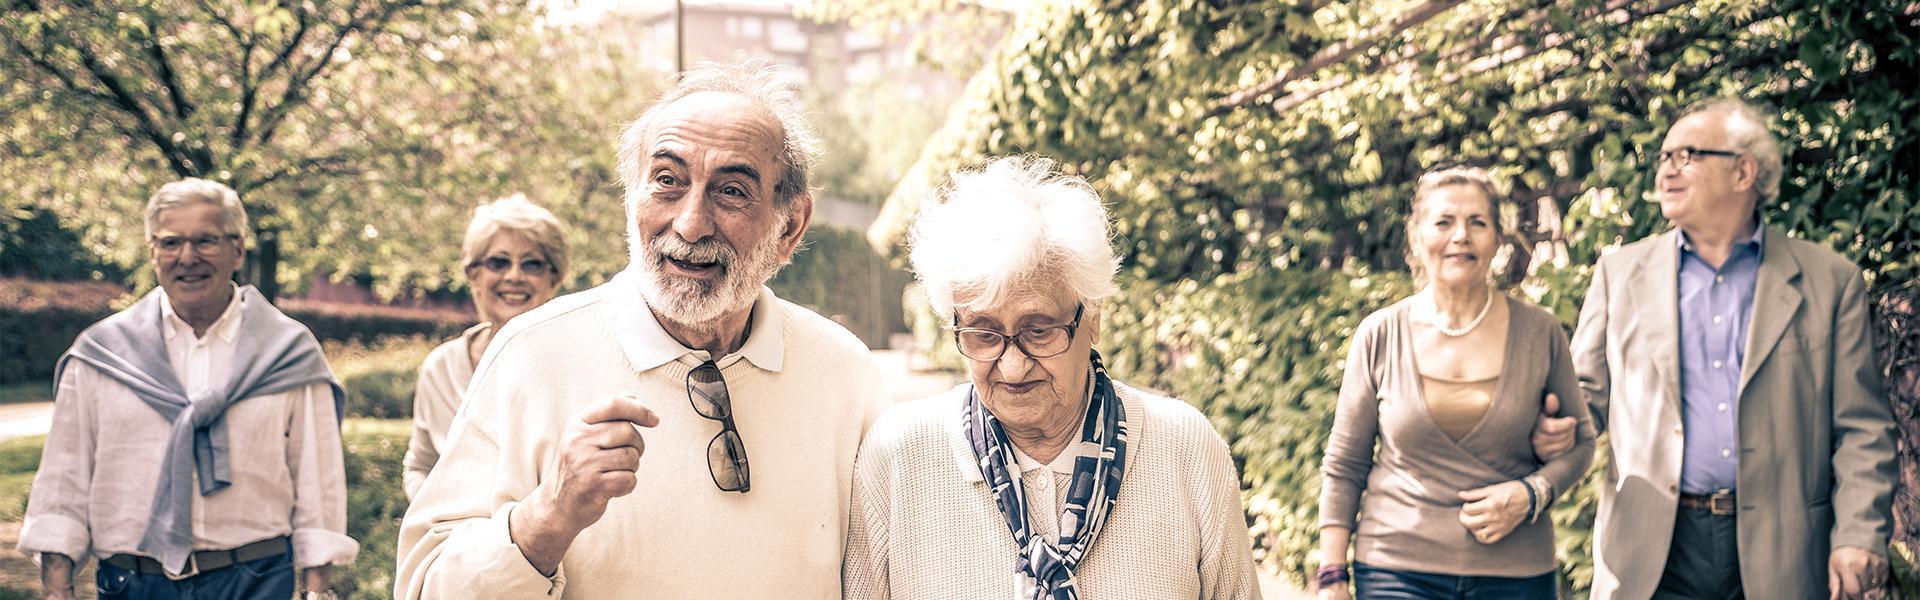 Elderly friends